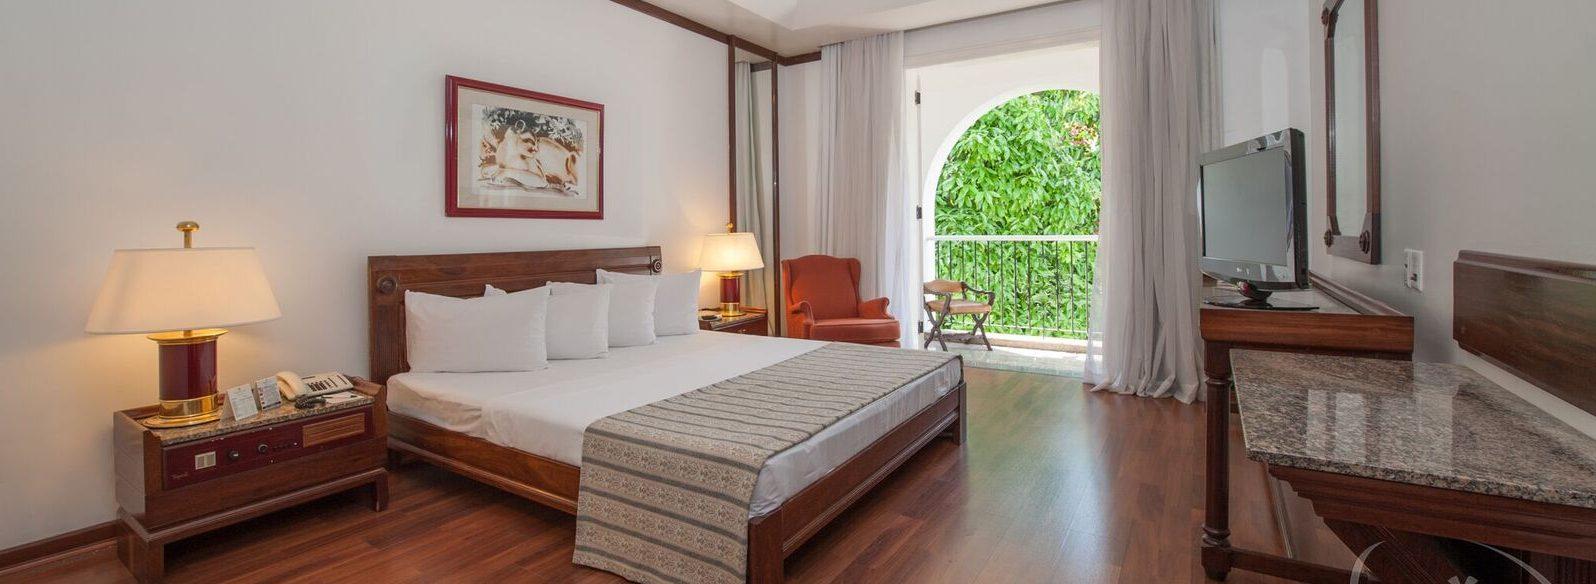 Les destinations incontournables du br sil en 9 jours 8 nuits for Chambre hotel sans fenetre